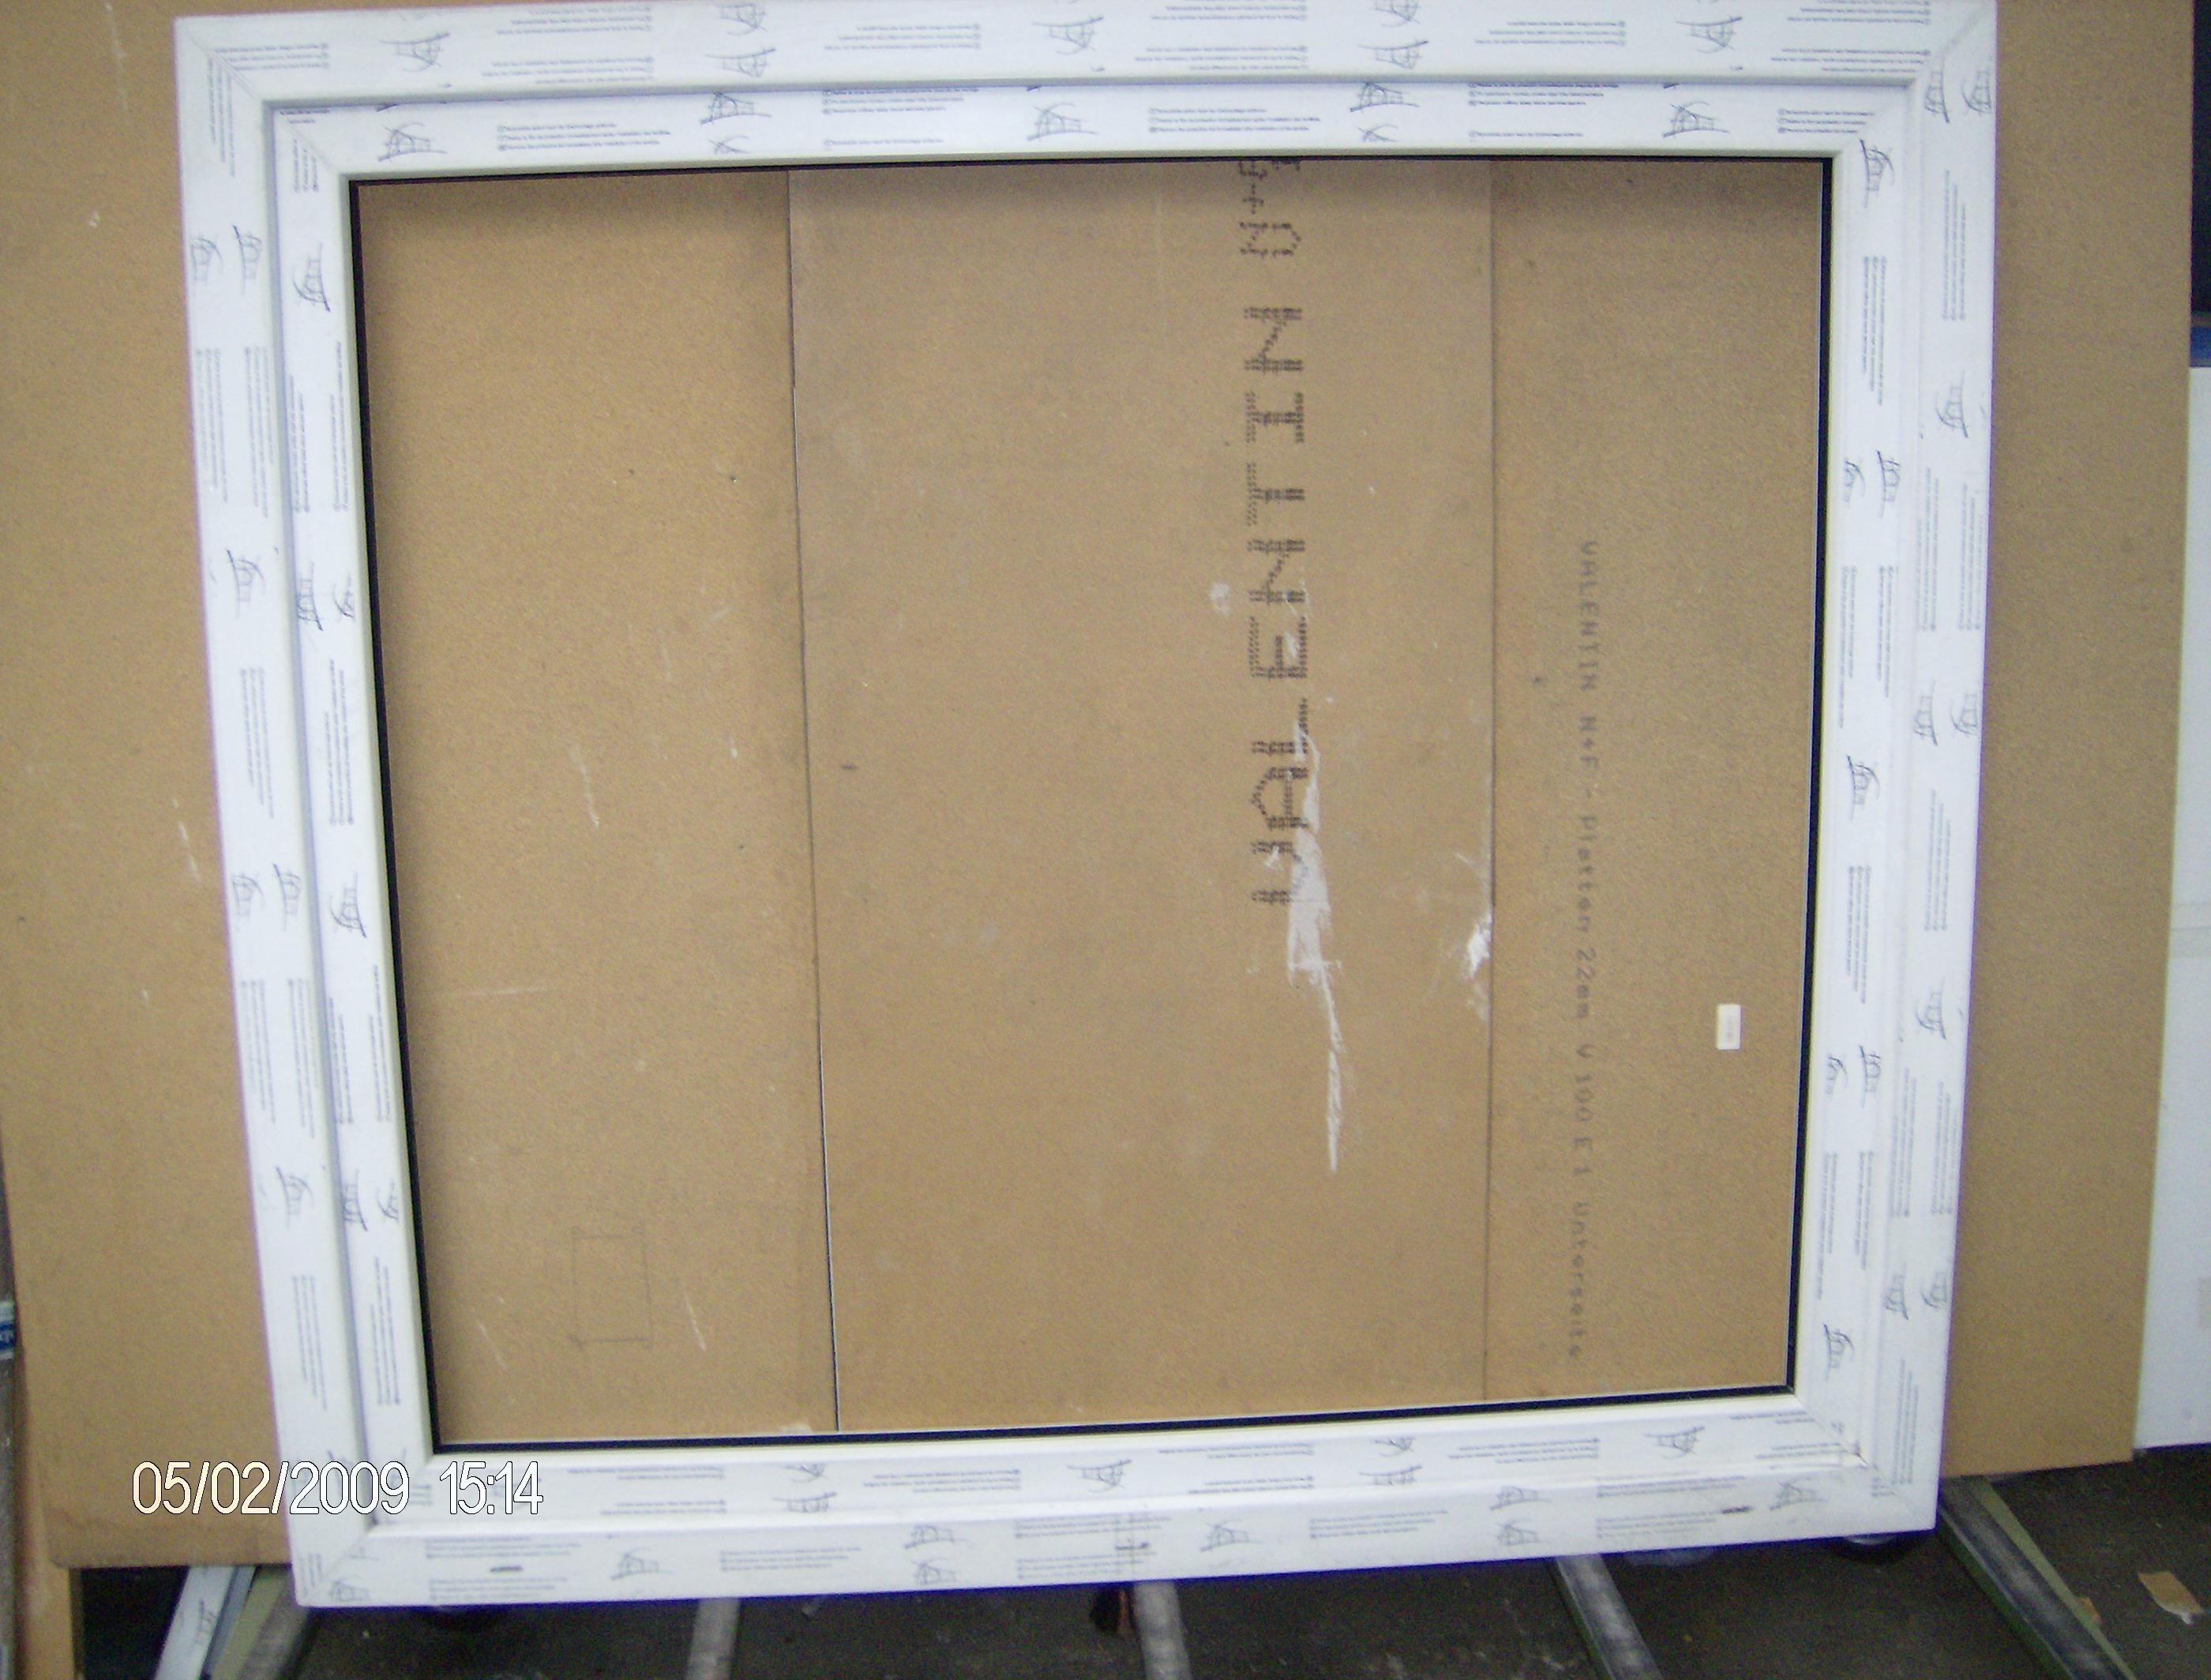 Kostenlose fensterelemente kleinanzeigen for Fensterelemente kunststoff